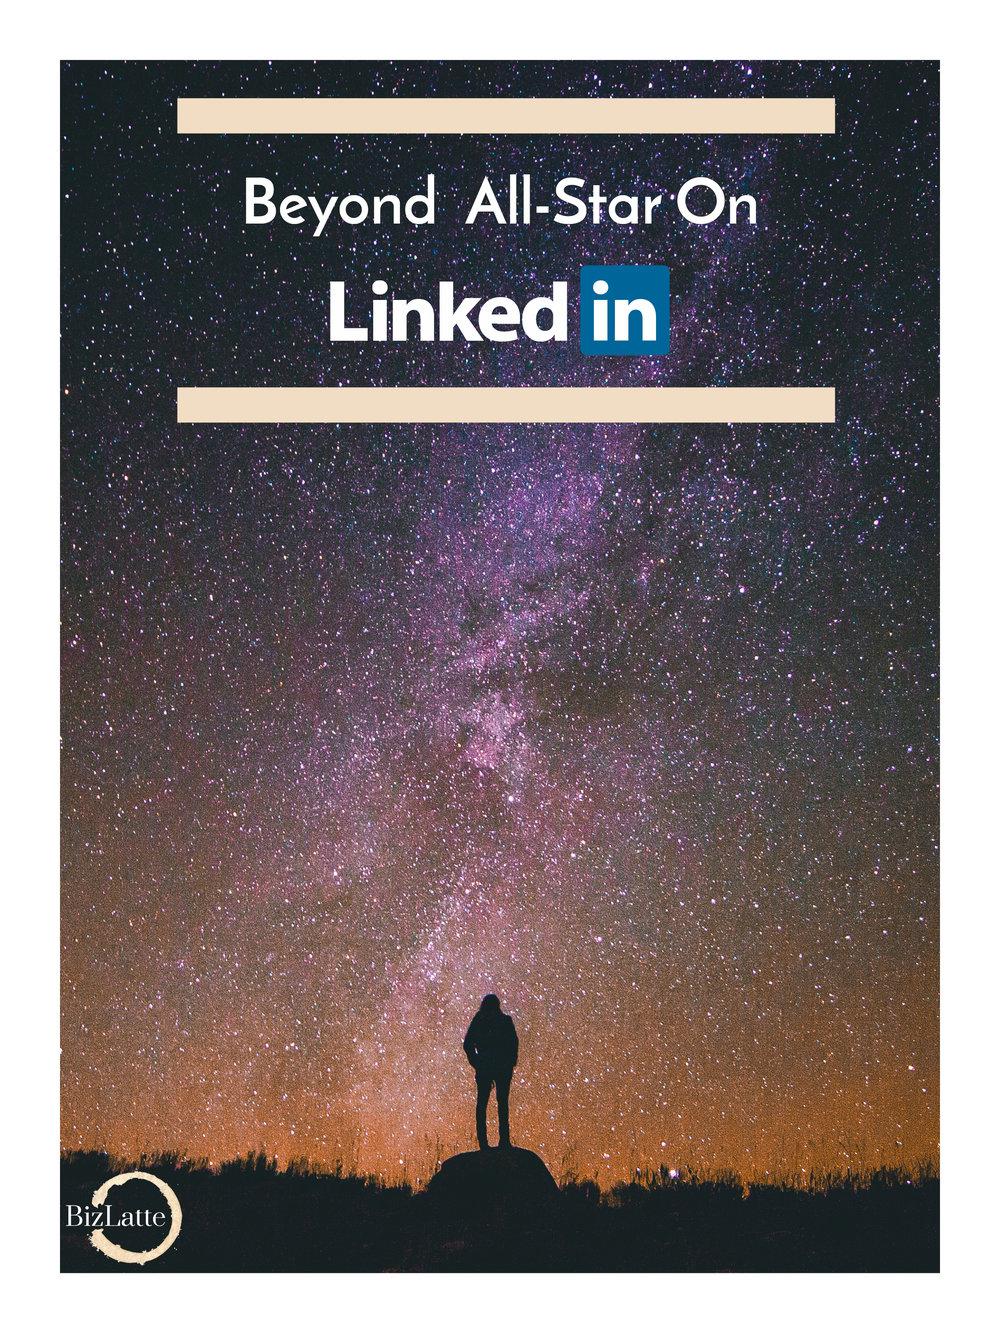 BizLatte LinkedIn Guide Cover.jpg